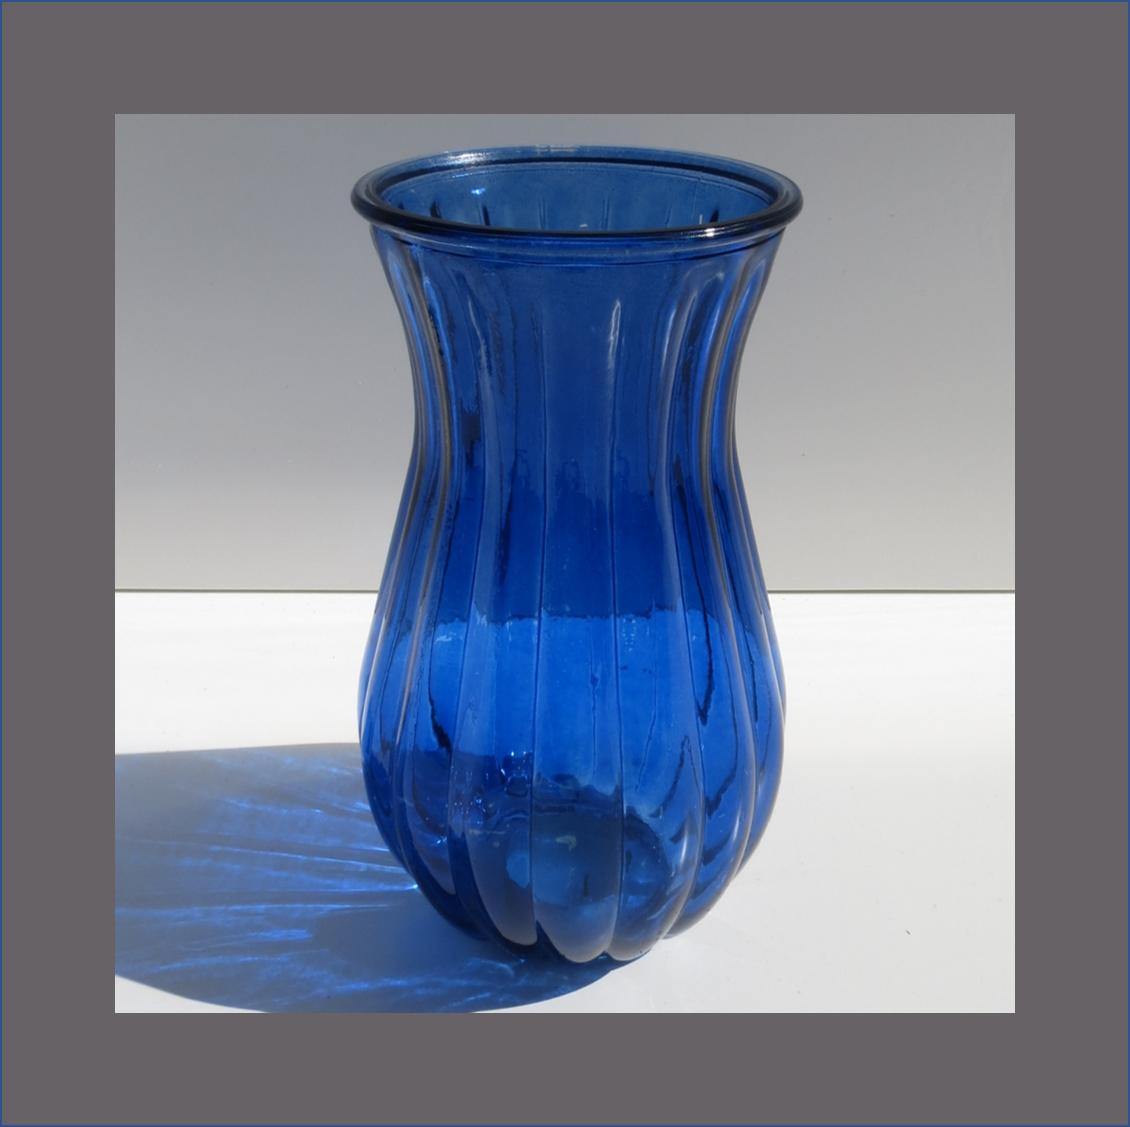 blue-riffle-vase--------